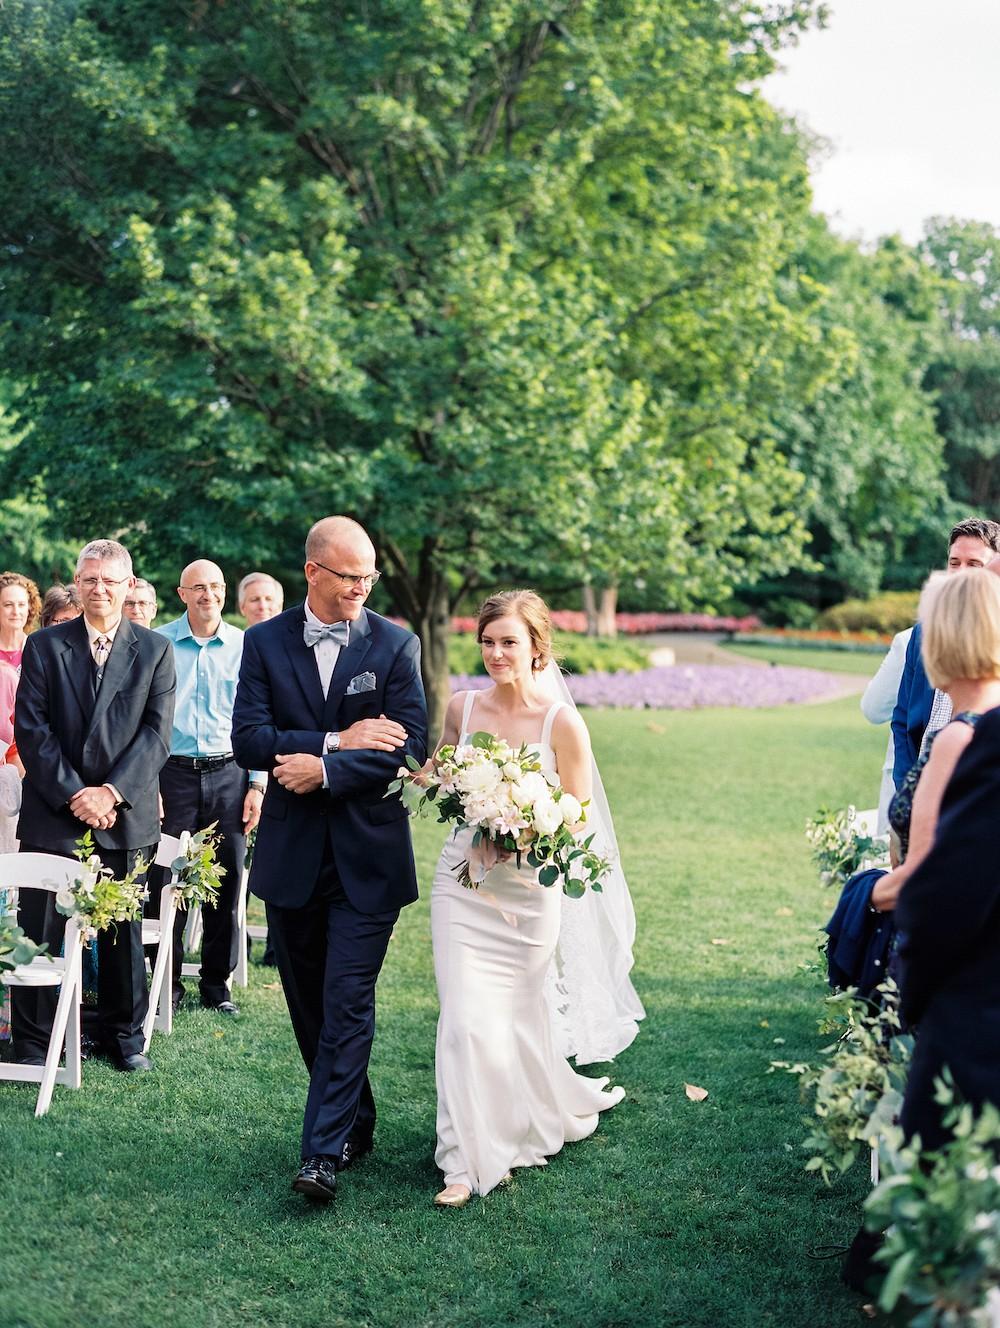 Claire and Chris' Patriotic Dallas Arboretum Wedding